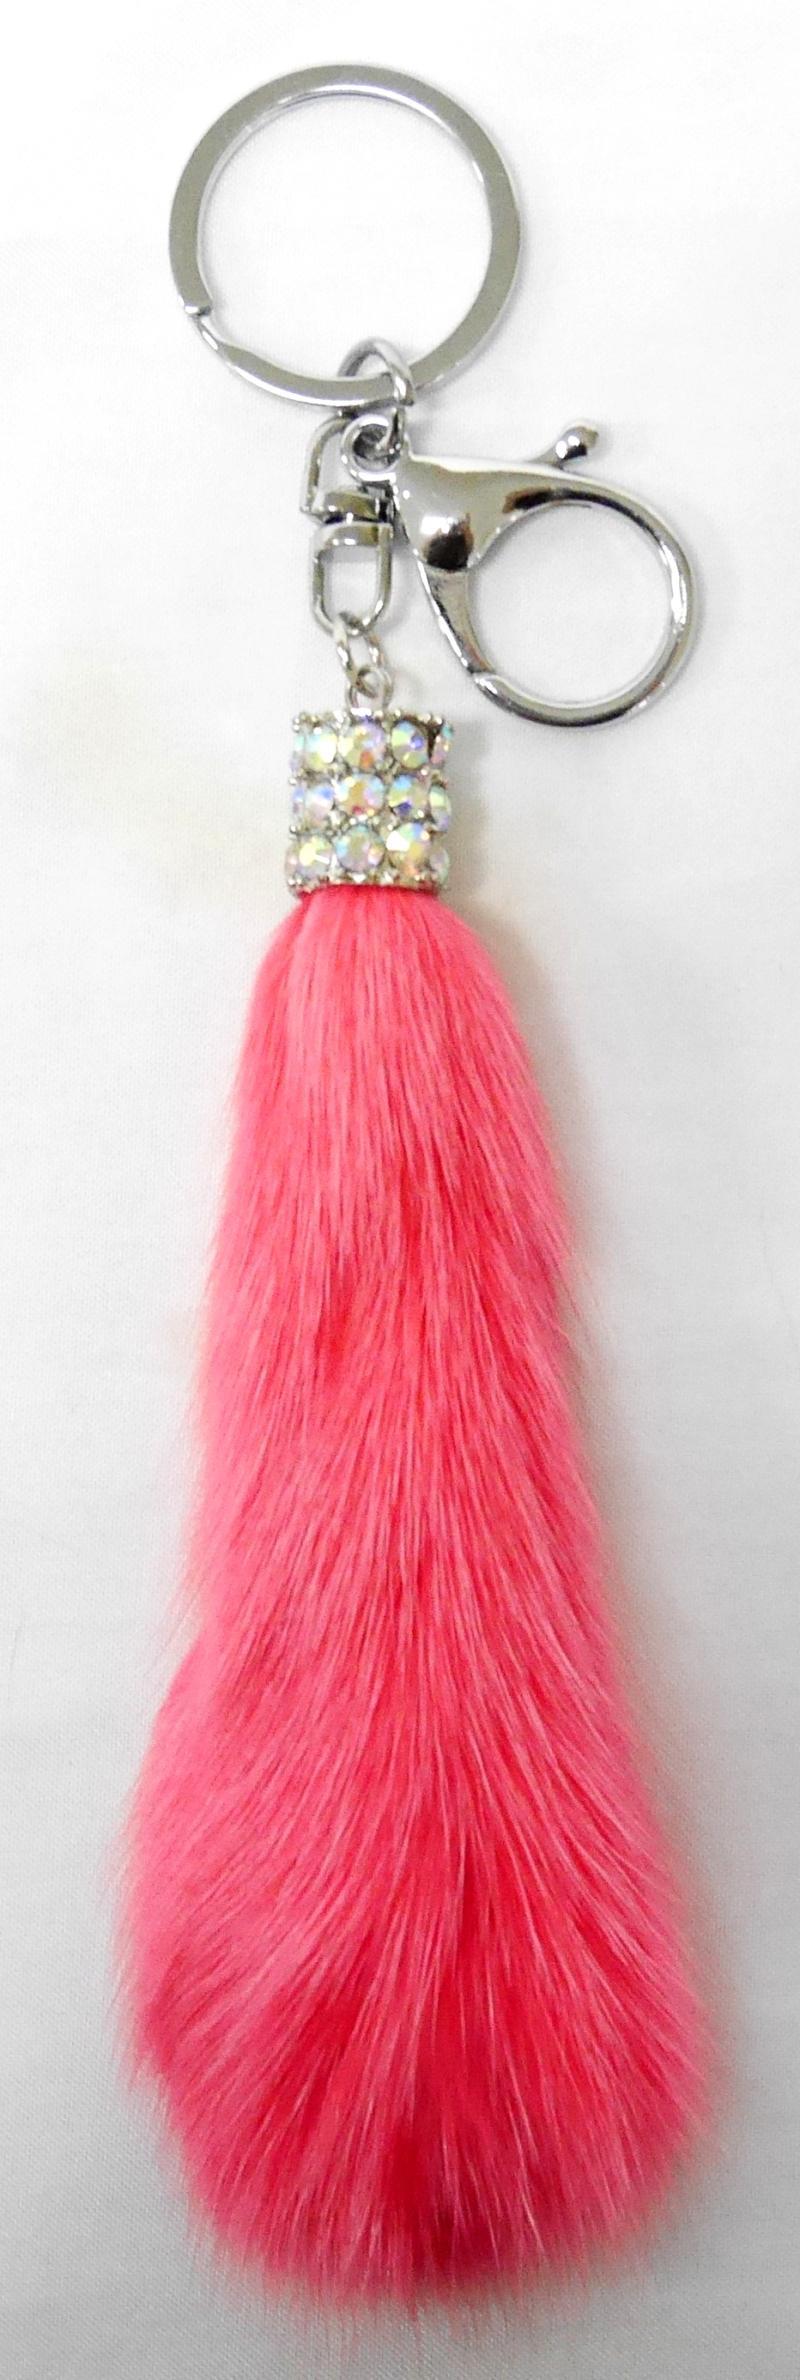 SIV BLD05 Gantungan Kunci Bulu Kombinasi Manik Key Chain - Salmon Pink